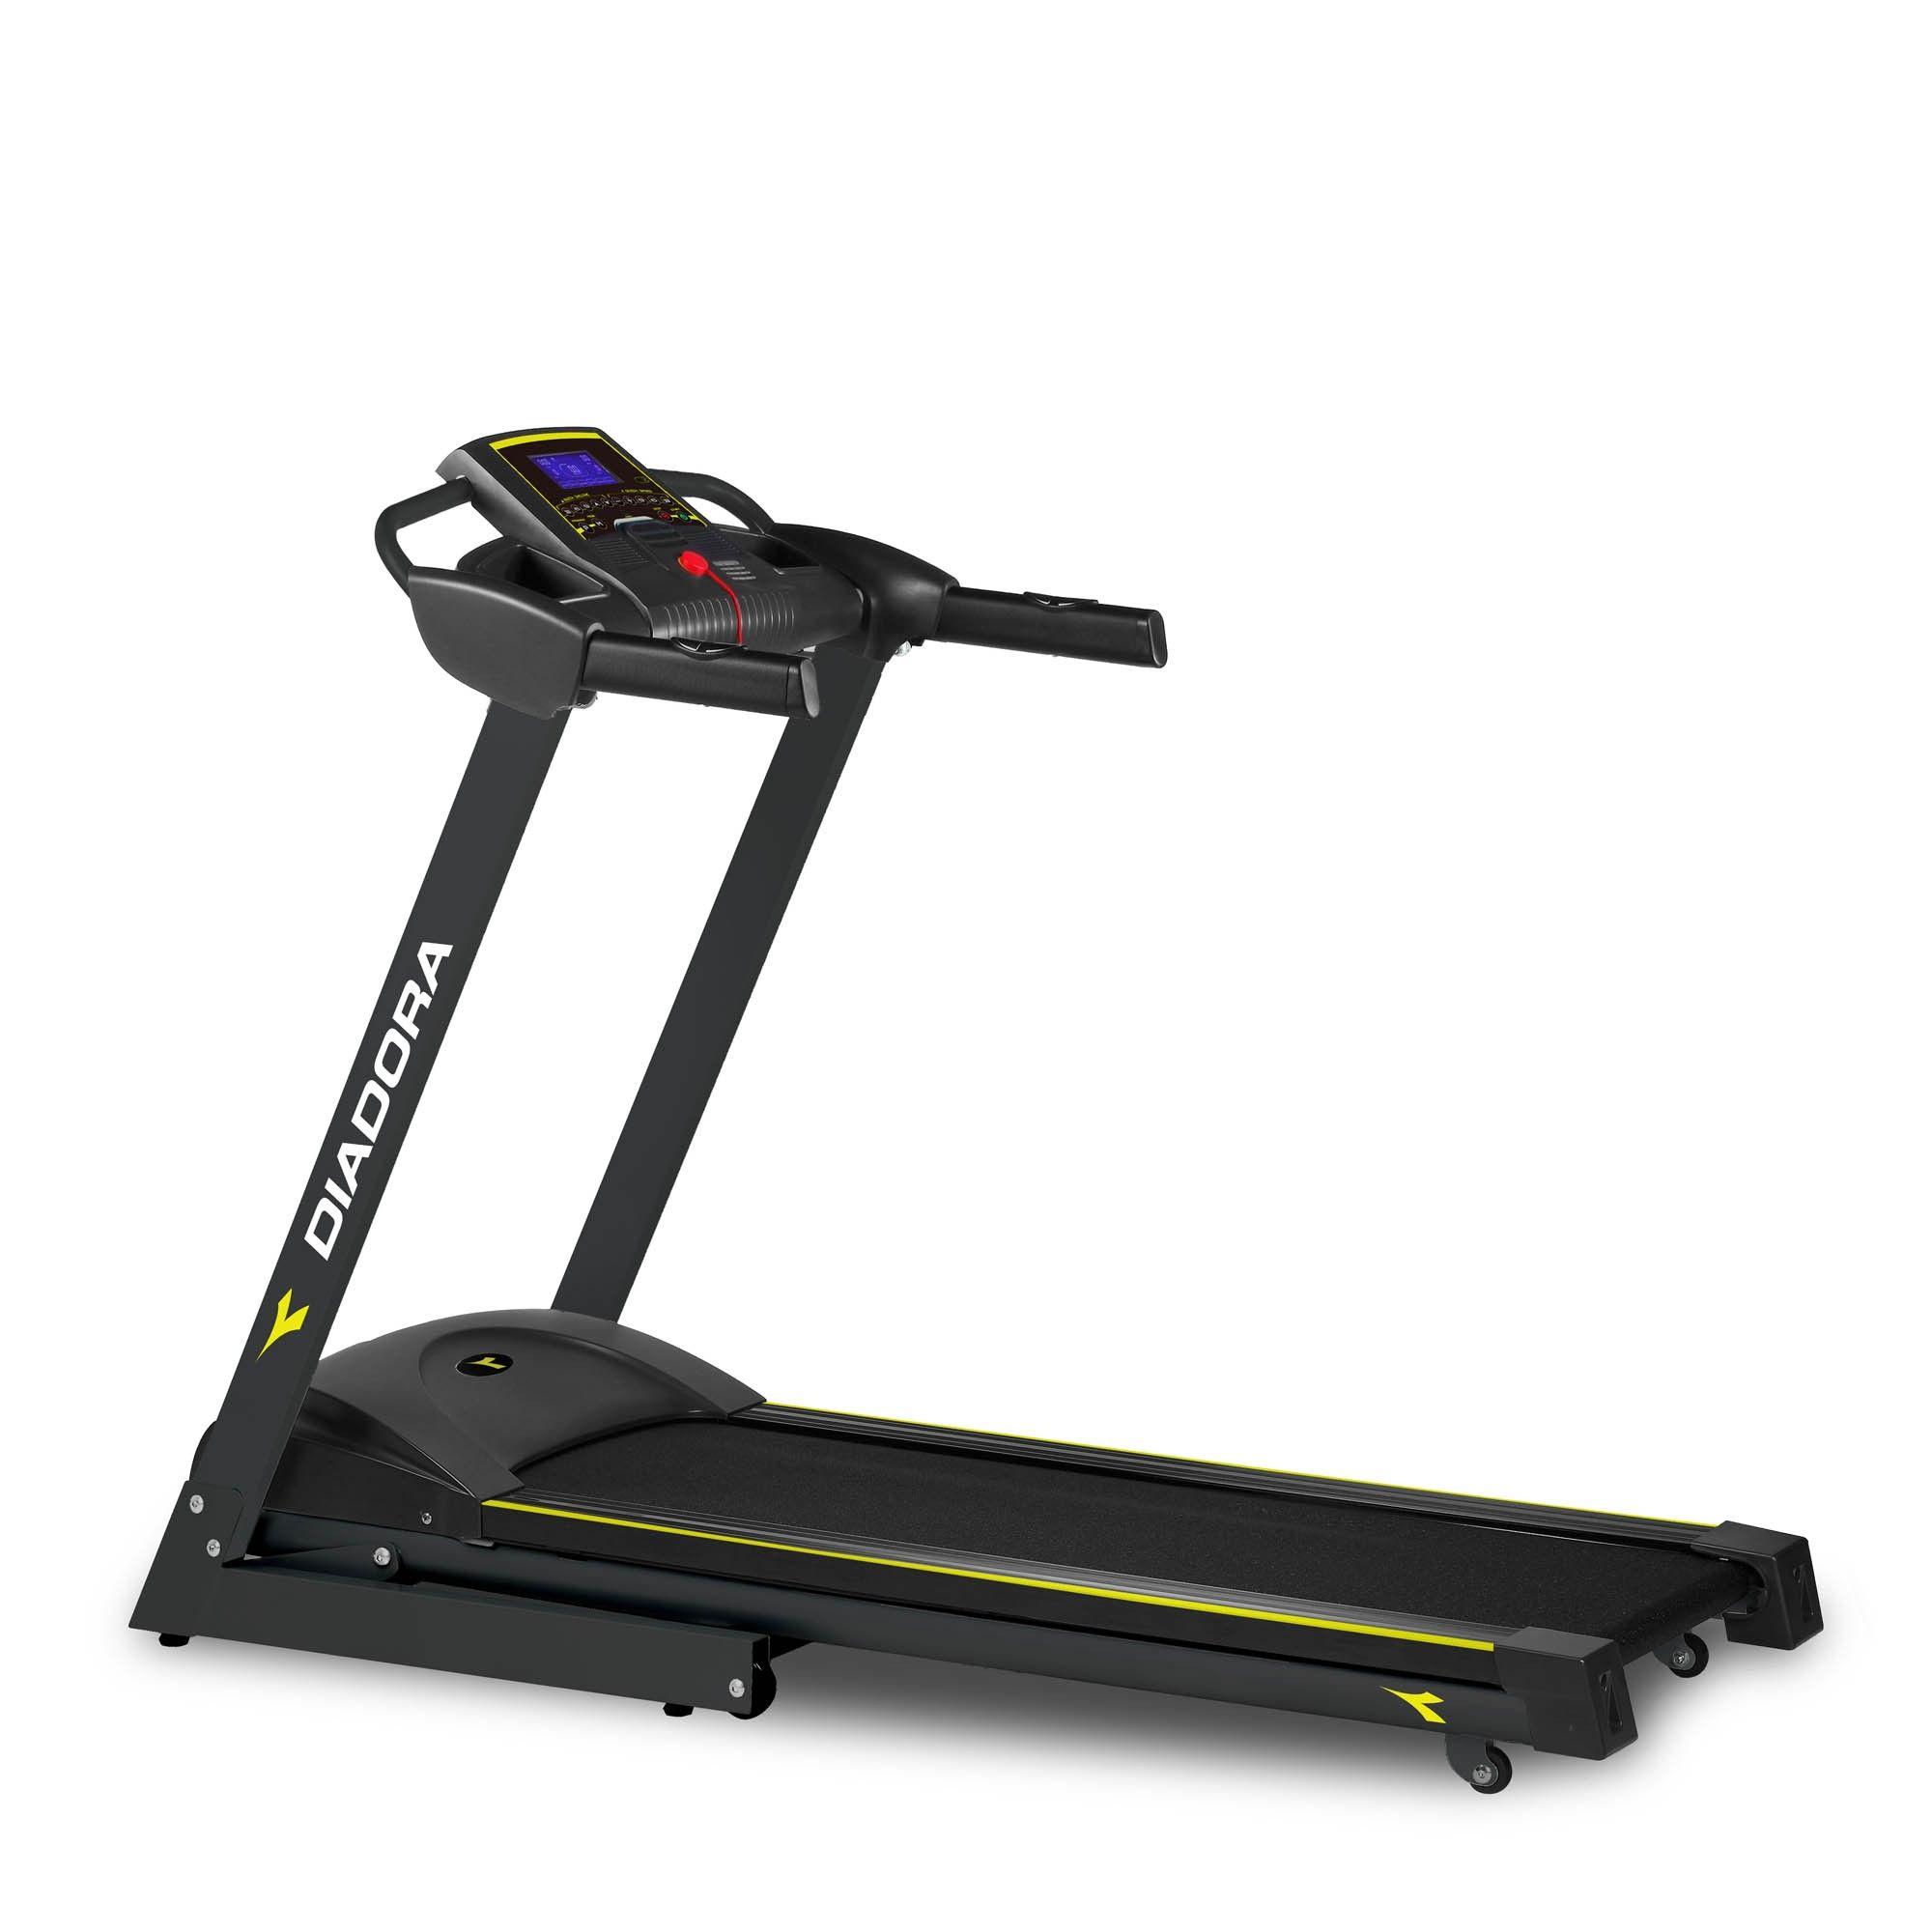 Treadmill Diadora Edge 2.4 Dark Motorised Treadmill